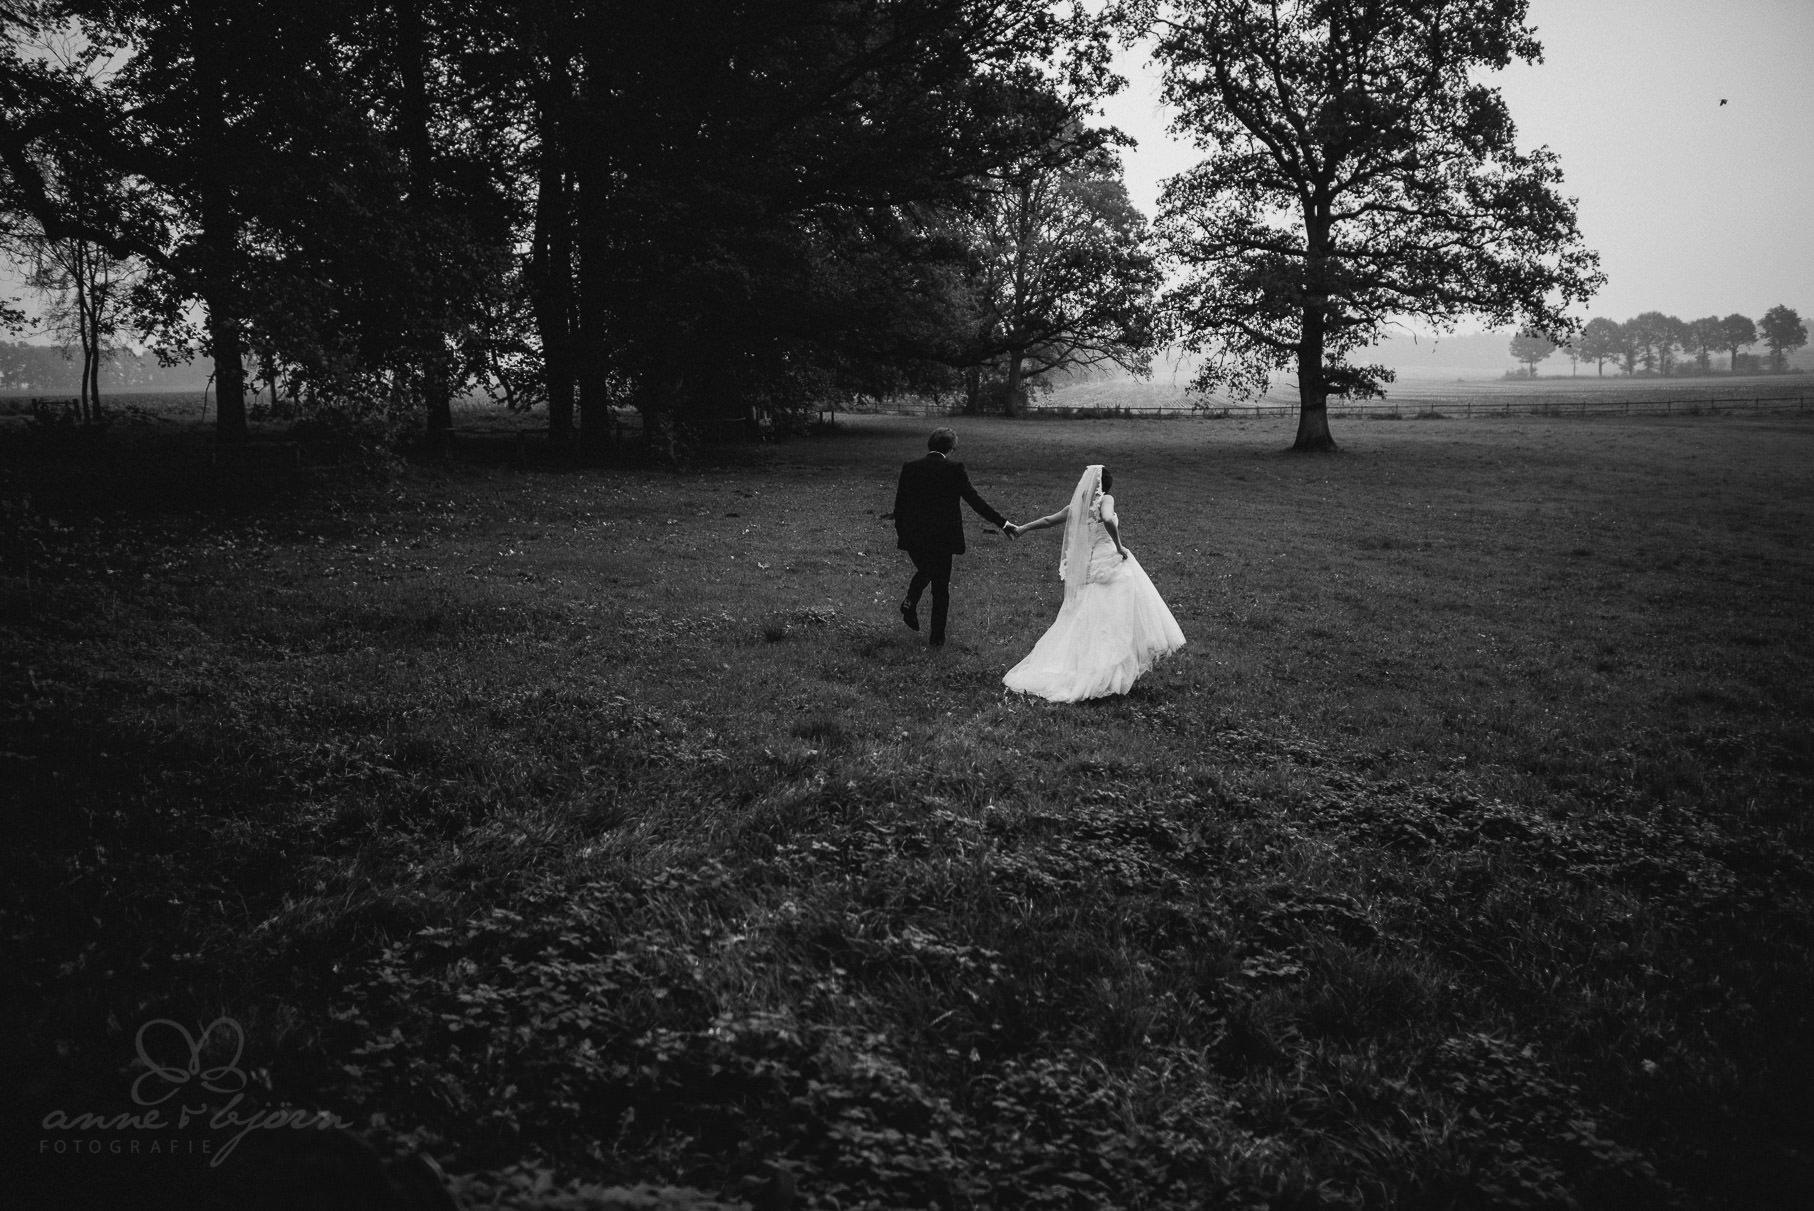 0102 aub 812 9951 - Hochzeit auf Gut Thansen - Anja & Björn